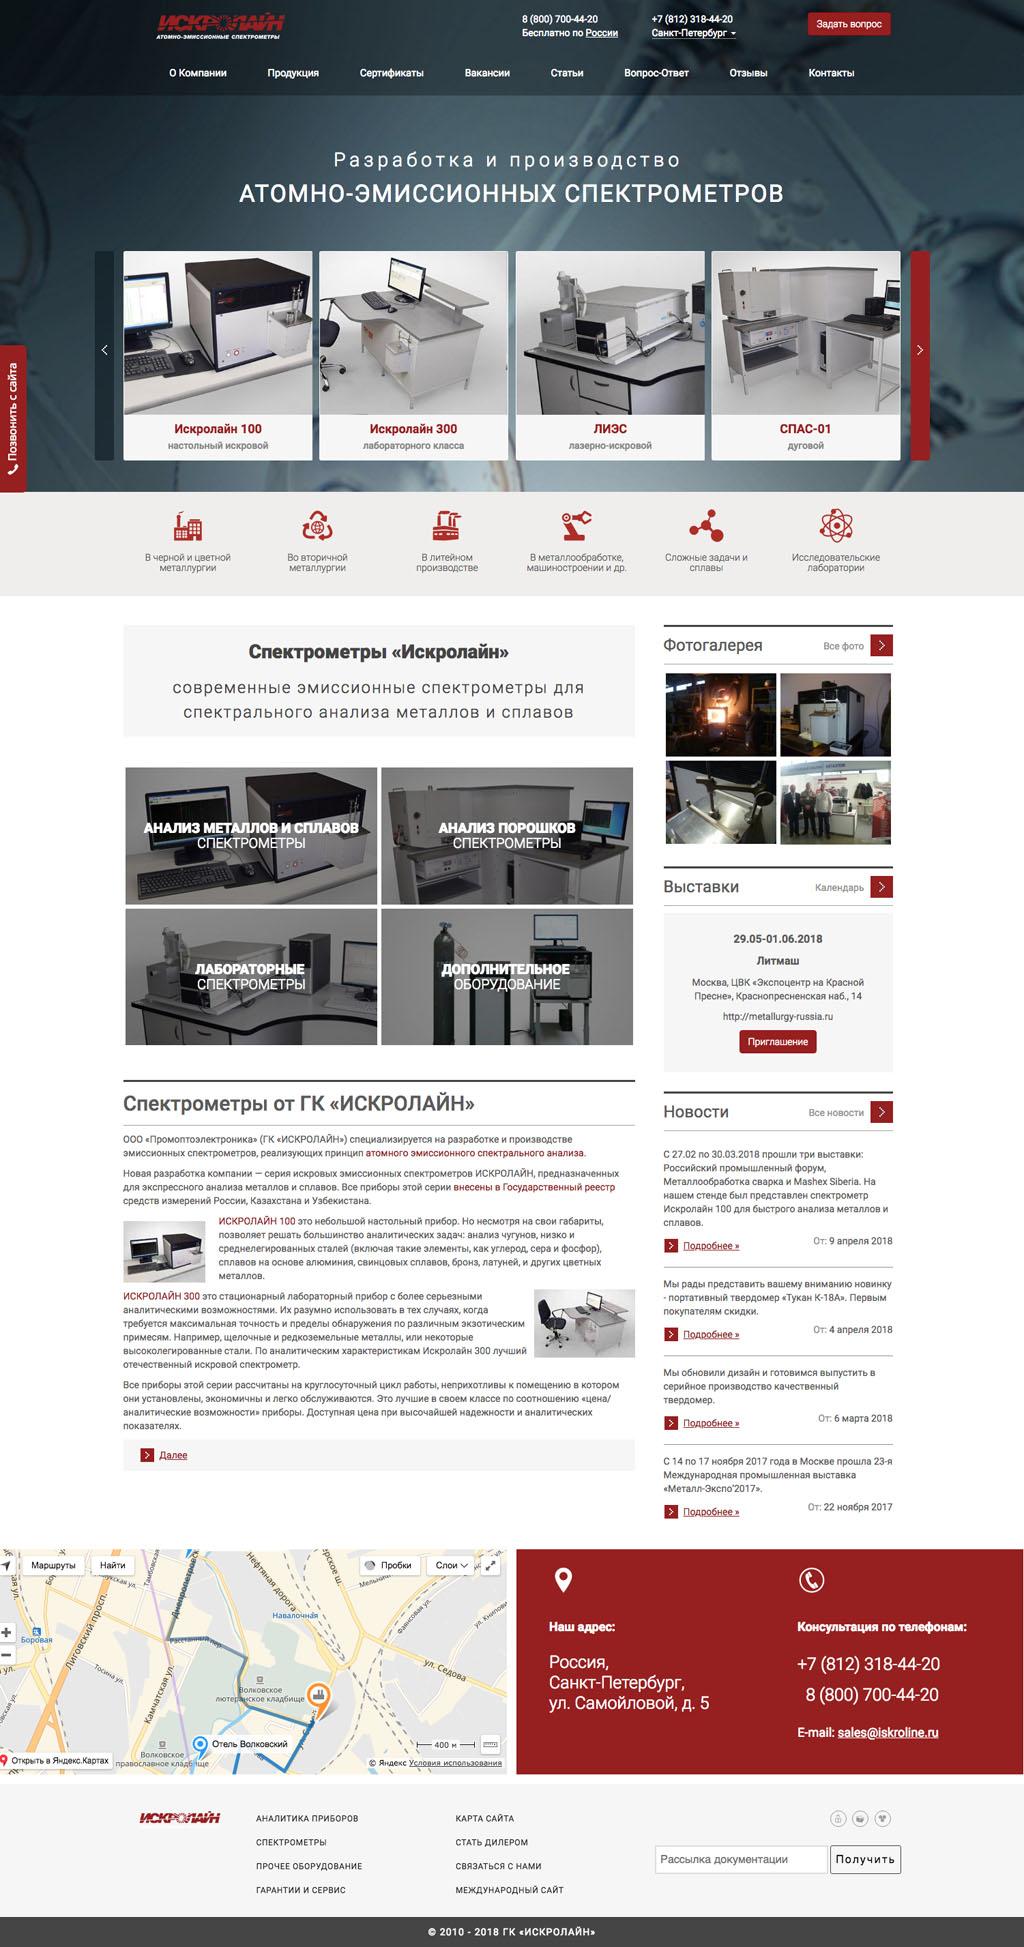 2901bcb9799 Сайт. Обновление основного дизайна ISKROLINE